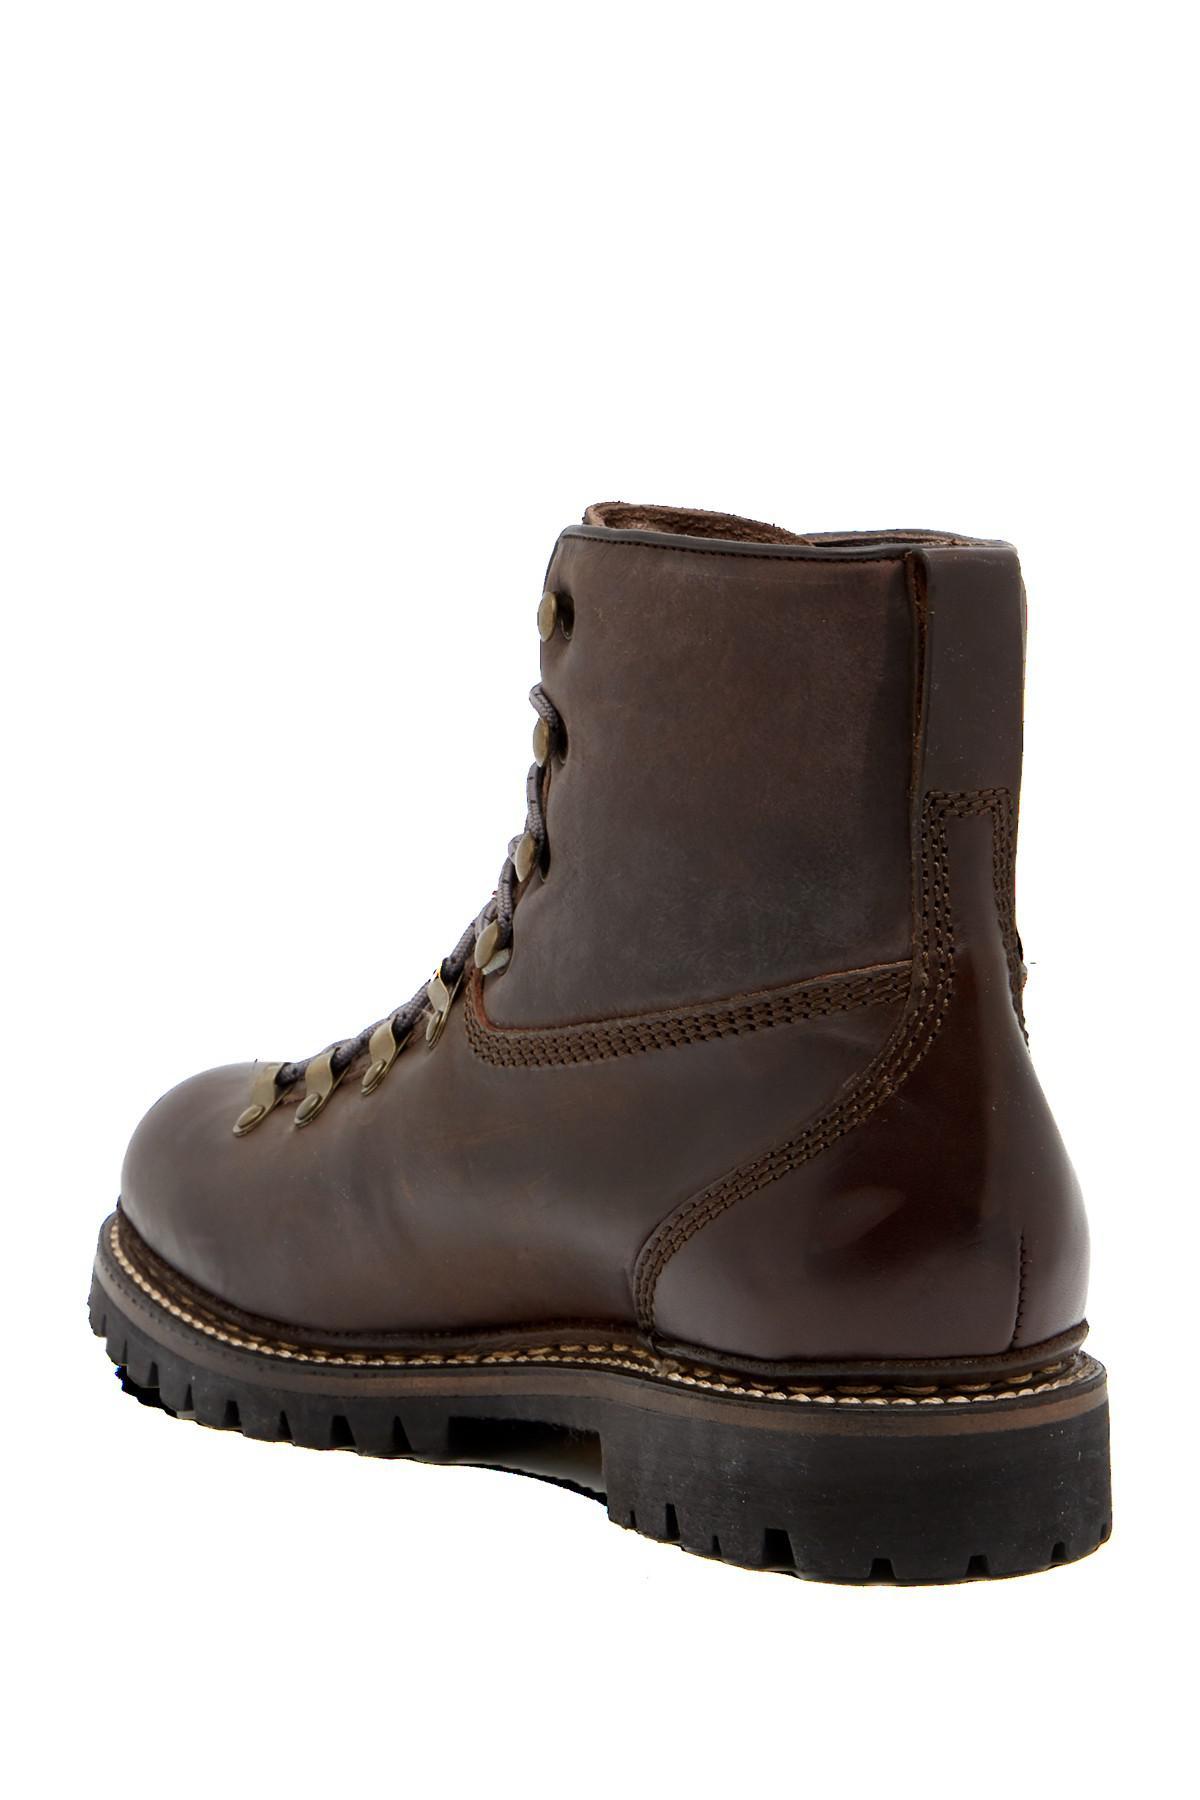 Rag \u0026 Bone Vintage Leather Hiker Boot